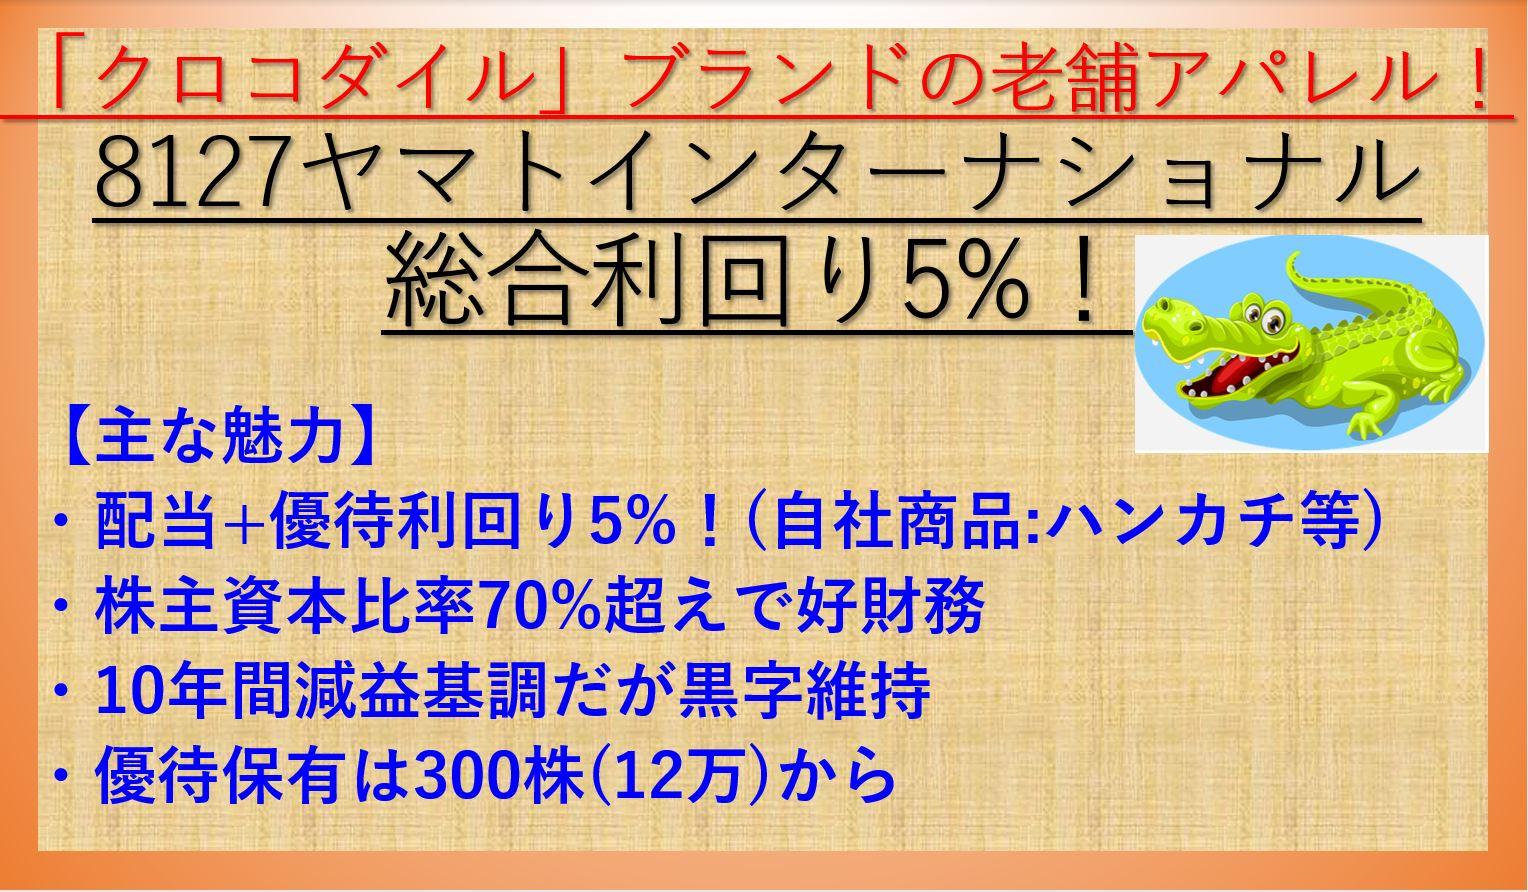 8127-ヤマトインターナショナル-アイキャッチ